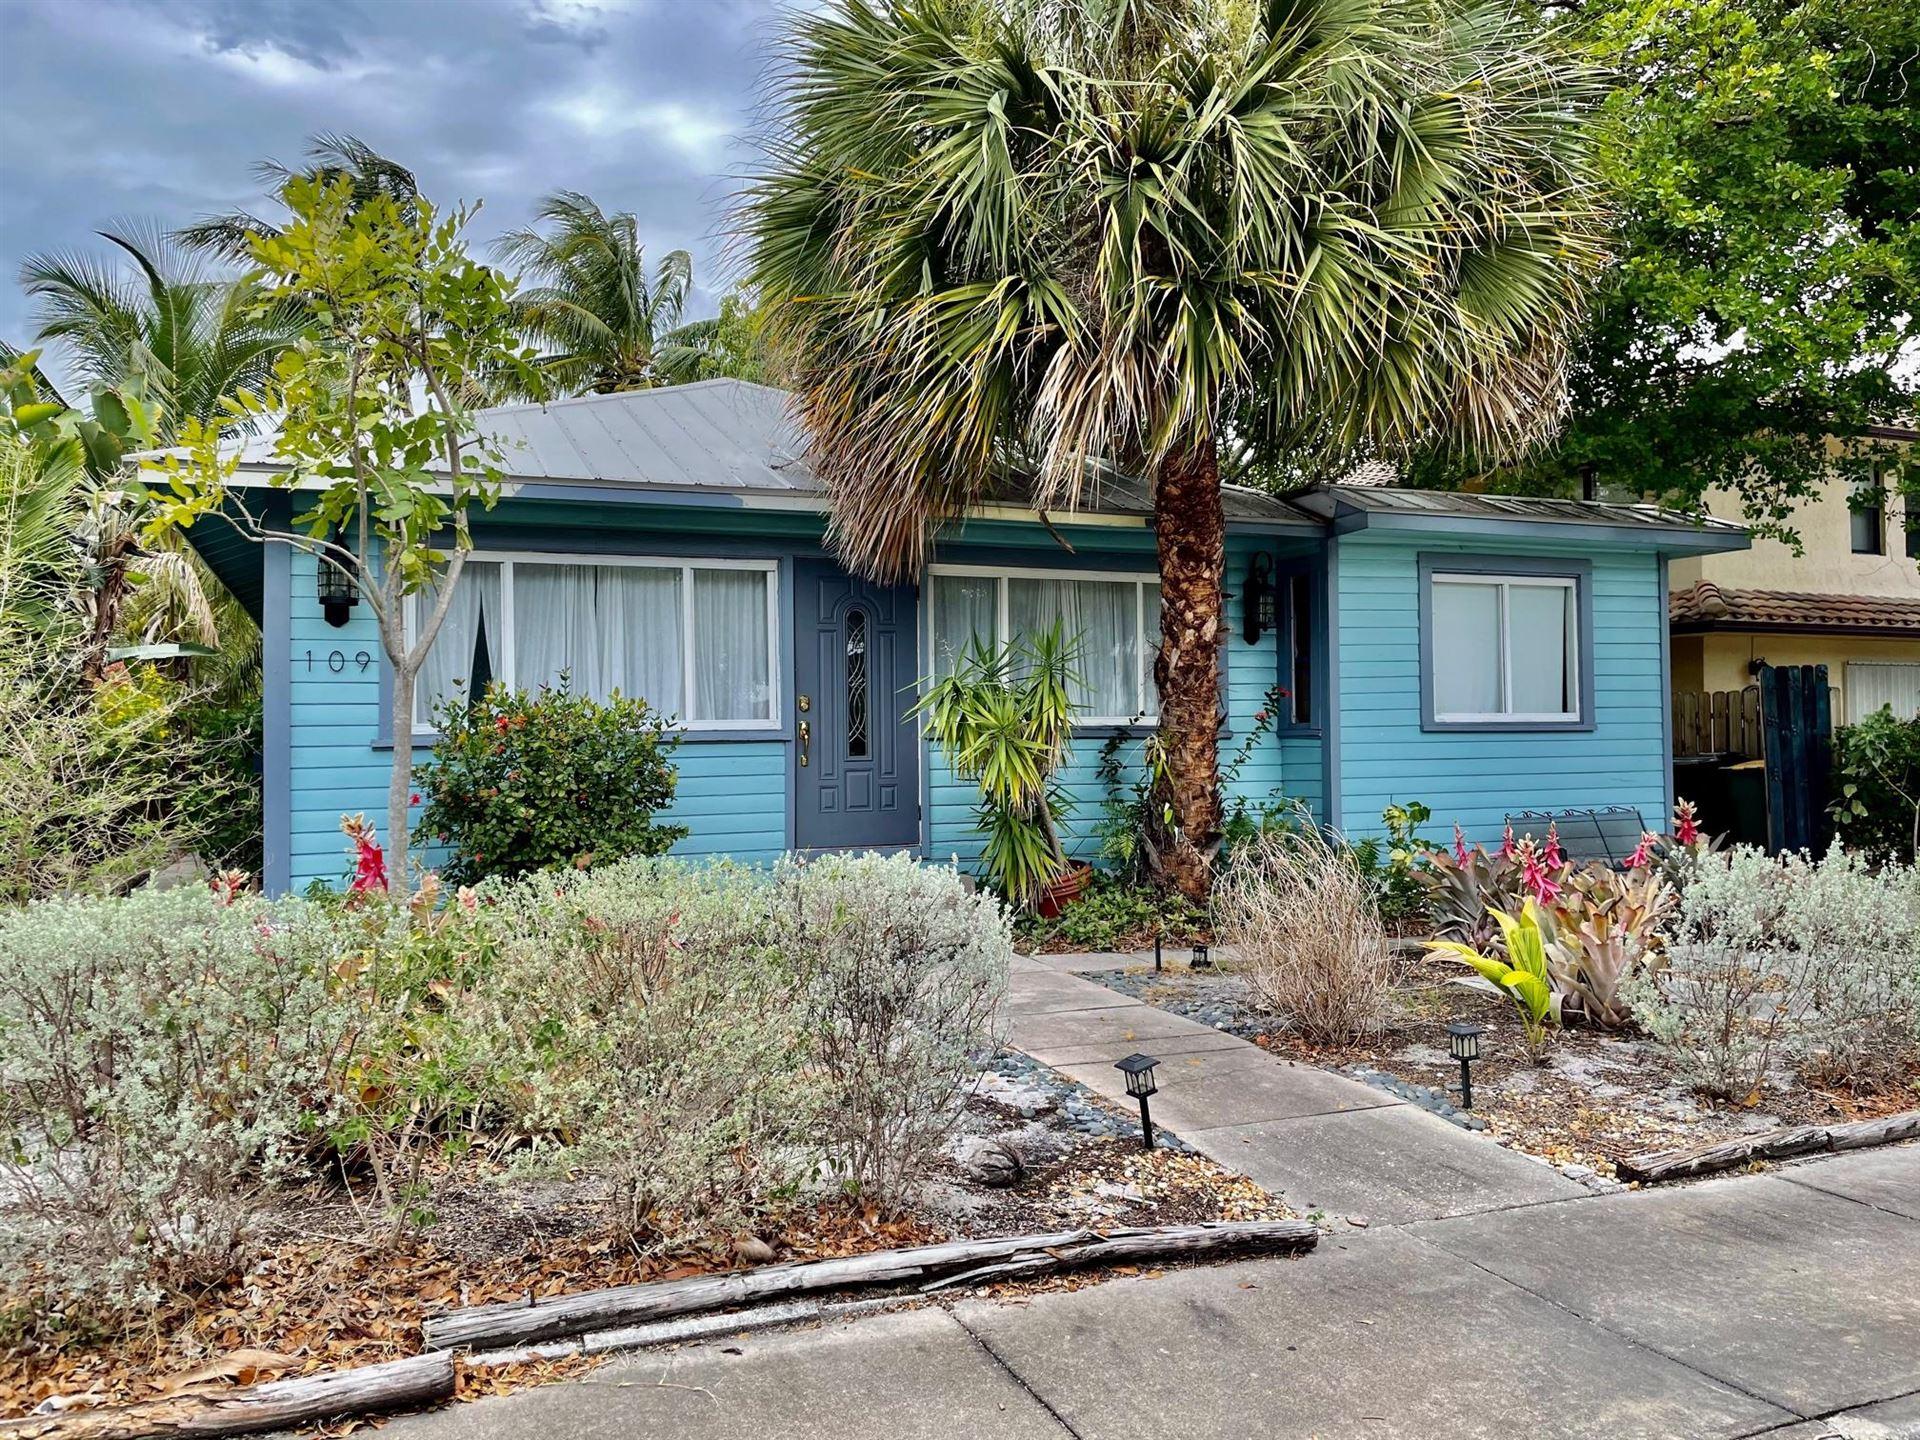 109 N Palmway, Lake Worth, FL 33460 - #: RX-10715972